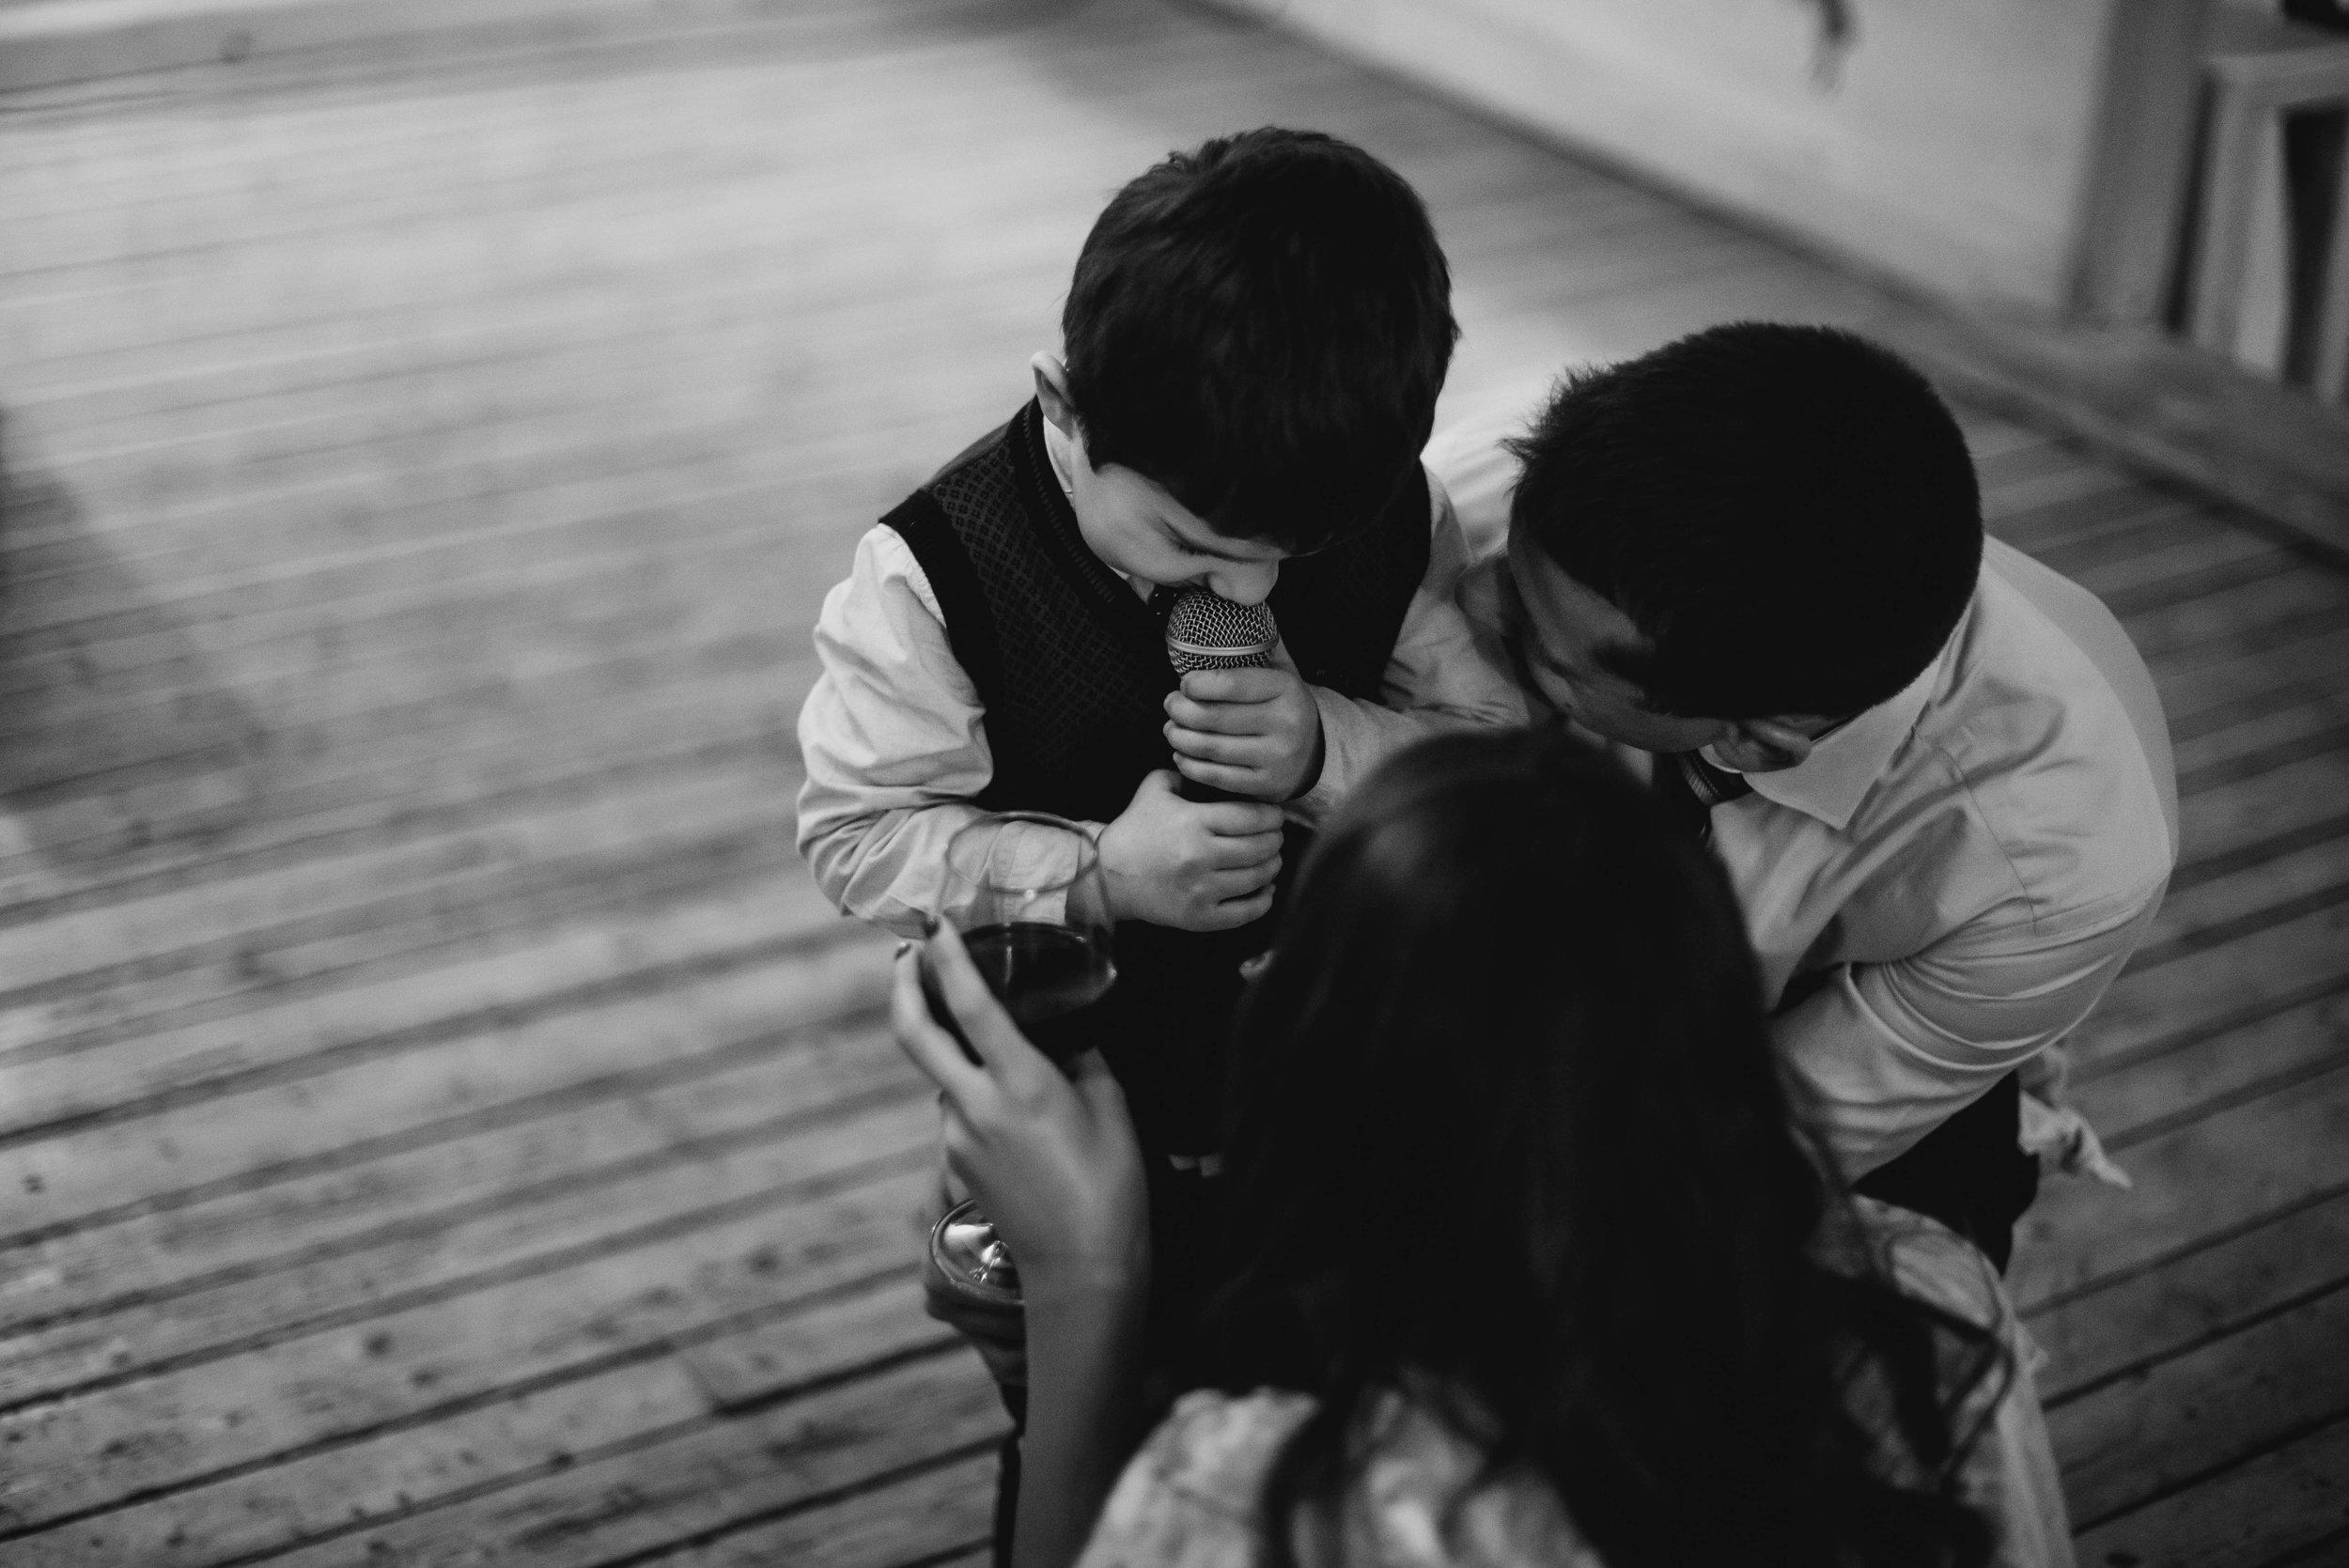 Léa-Fery-photographe-professionnel-lyon-rhone-alpes-portrait-mariage-couple-amour-lovesession-engagement-elopment-3412.jpg